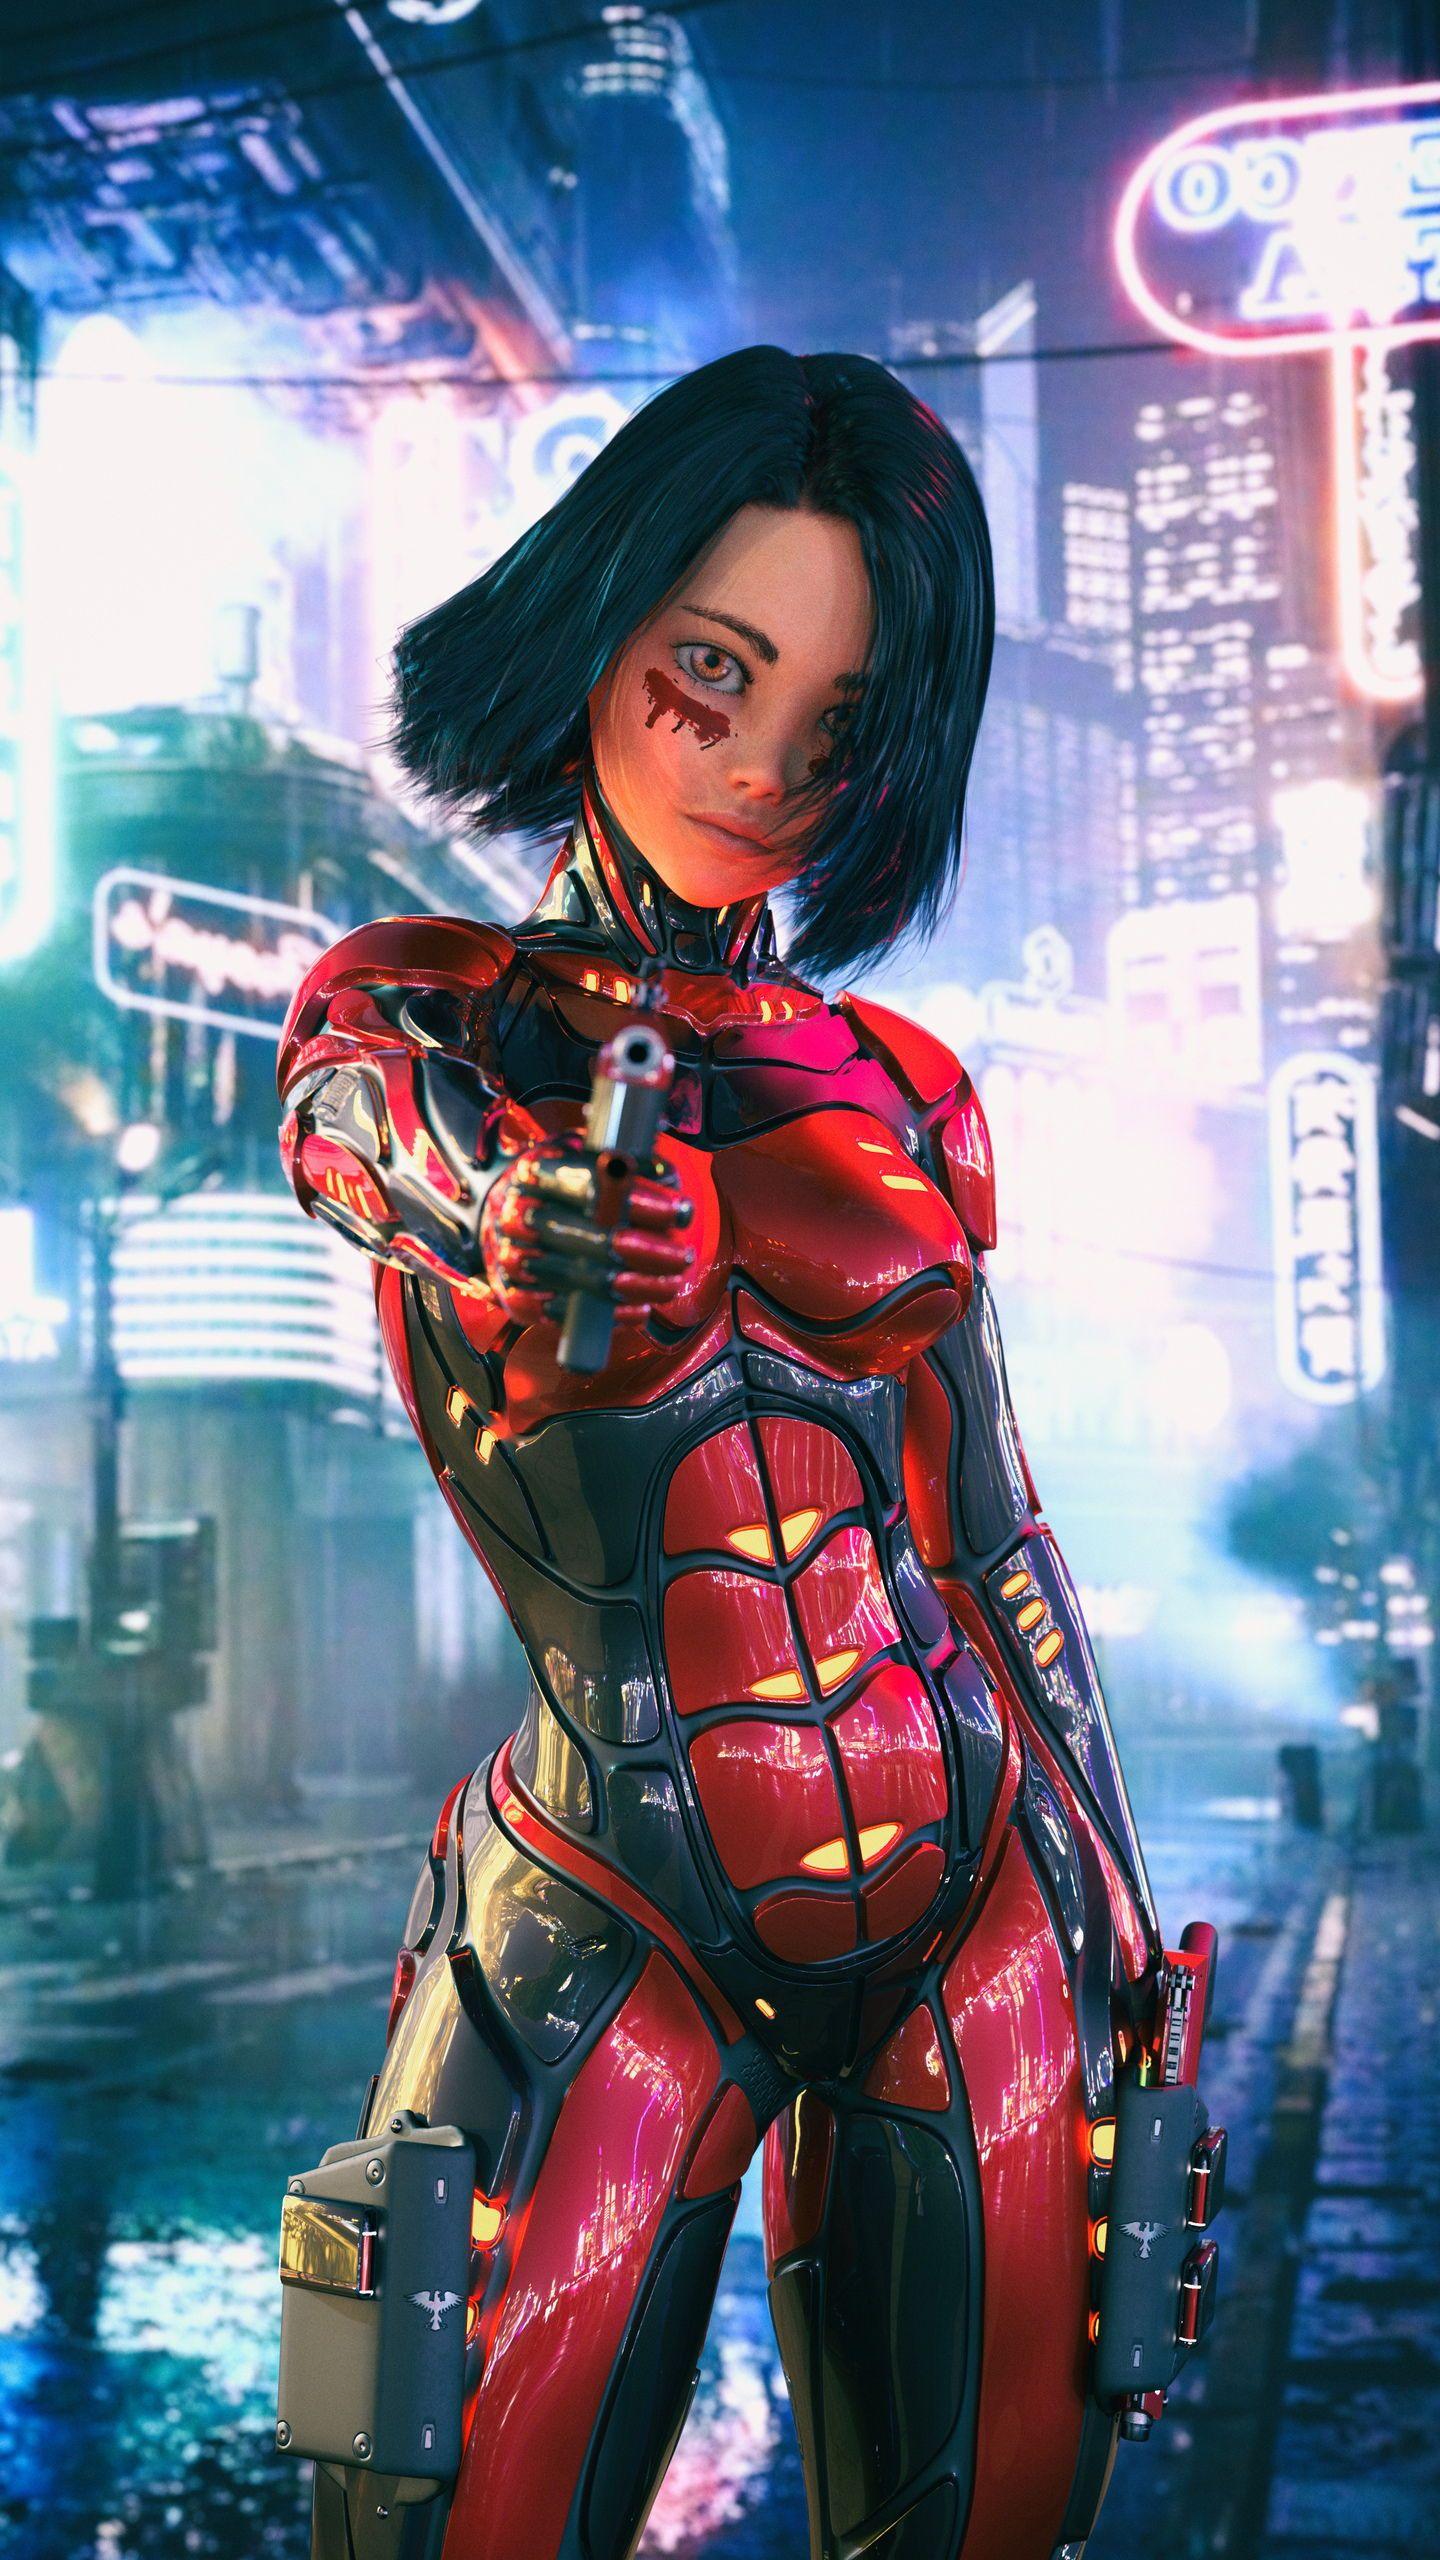 Alita Battle Angel Wallpaper Wallpaper Poster Save Iphone Cyberpunk Art Cyberpunk Girl Cyberpunk Aesthetic